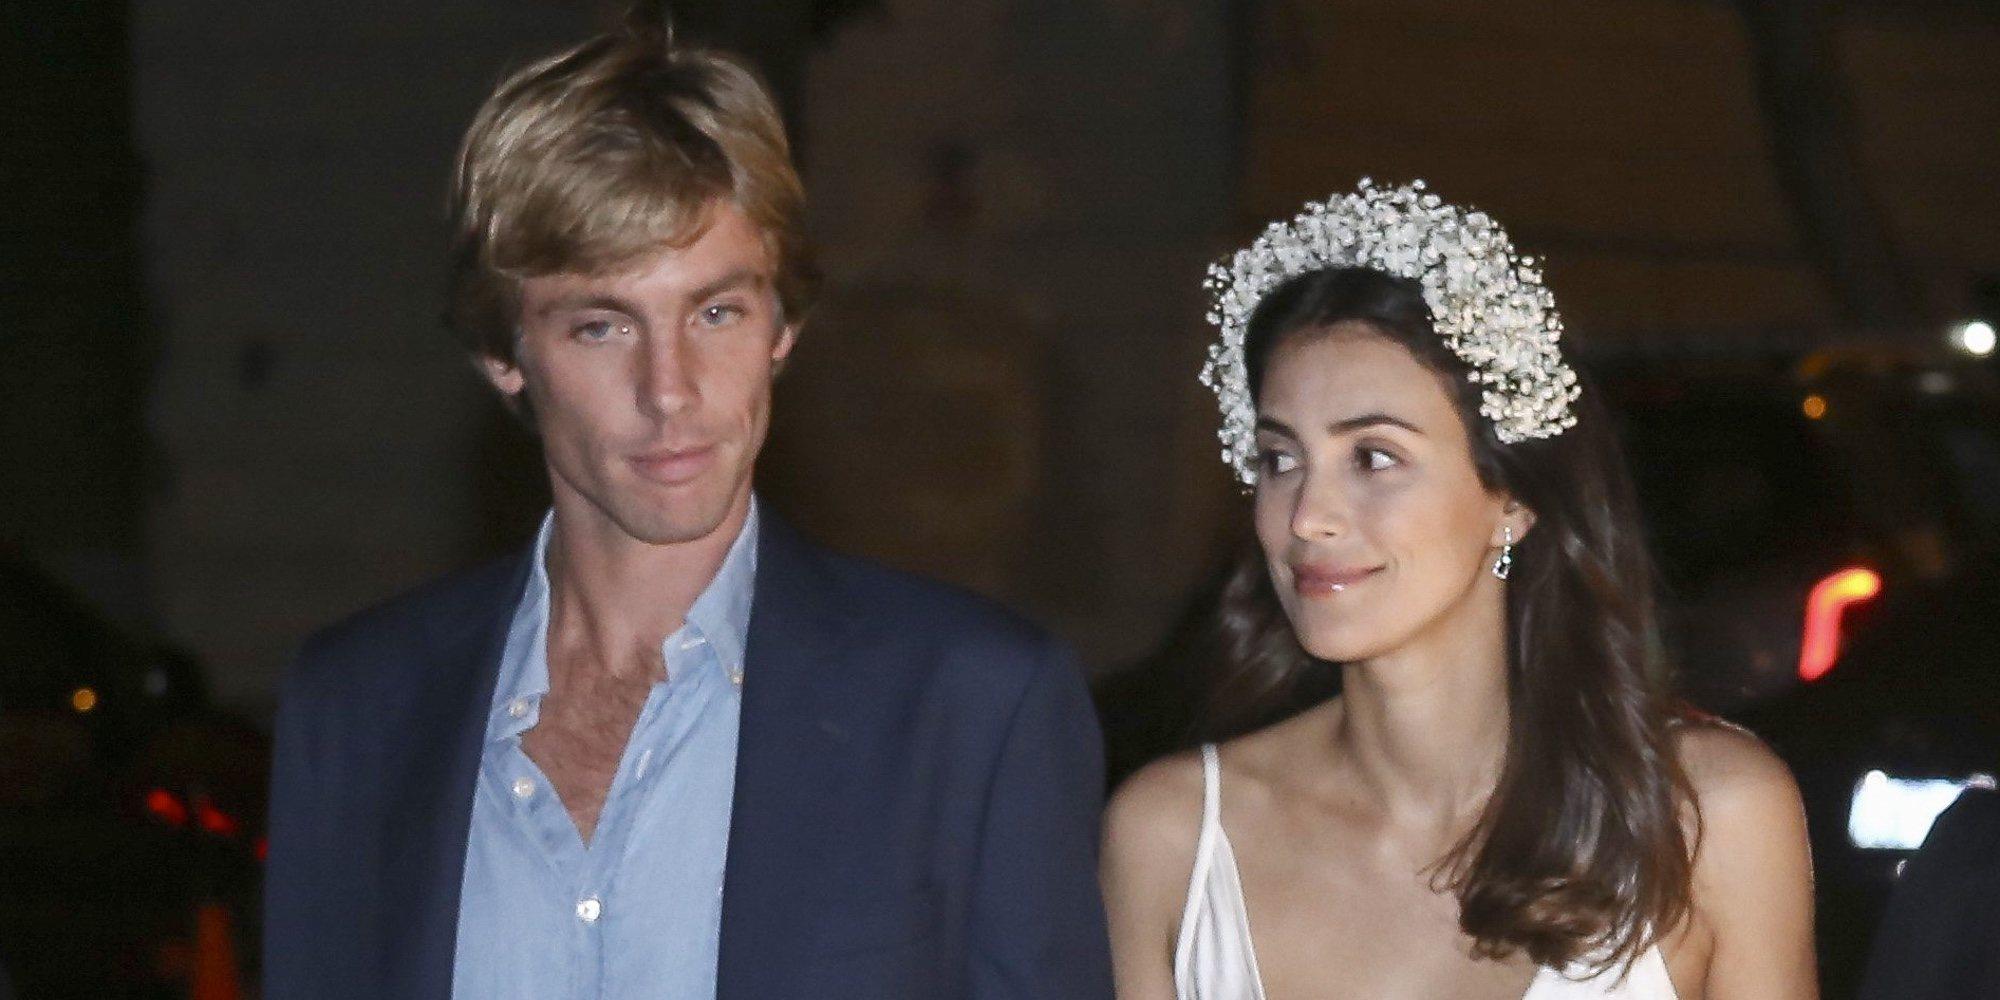 Christian de Hannover y Alessandra de Osma, de la boda de Eugenia de York al estreno de un musical en Madrid